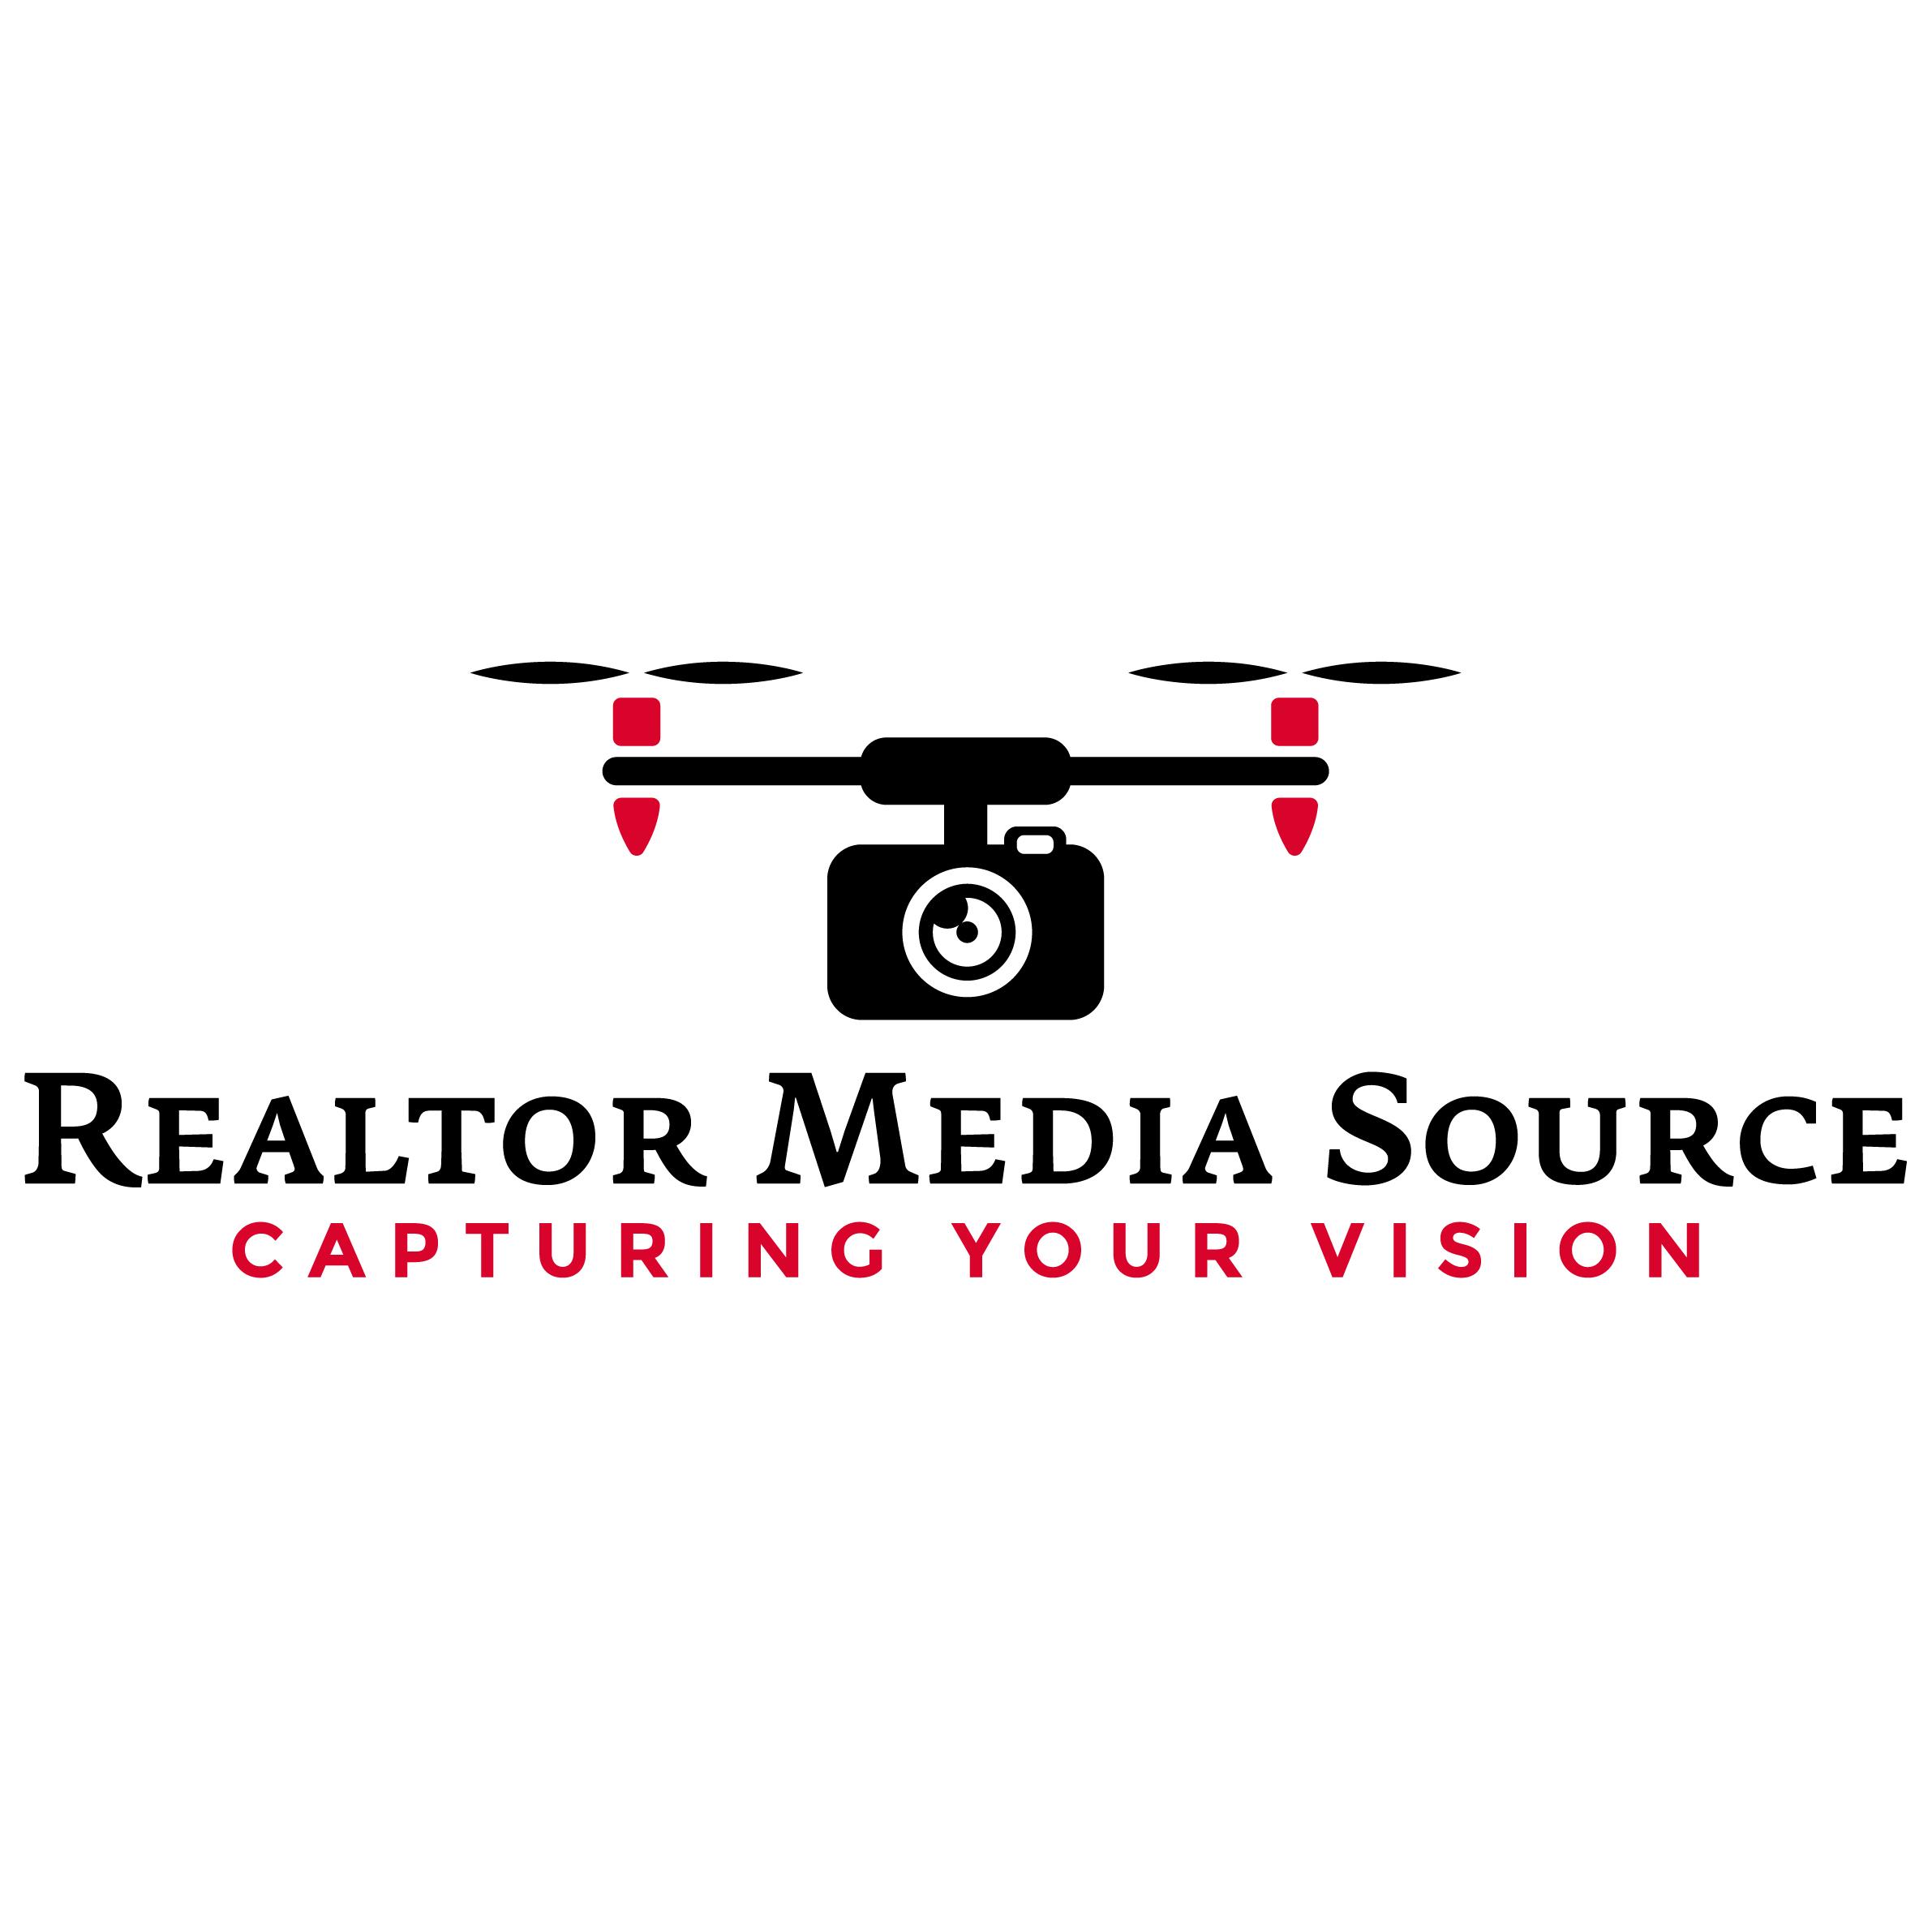 Realtor Media Source floor plan Dallas